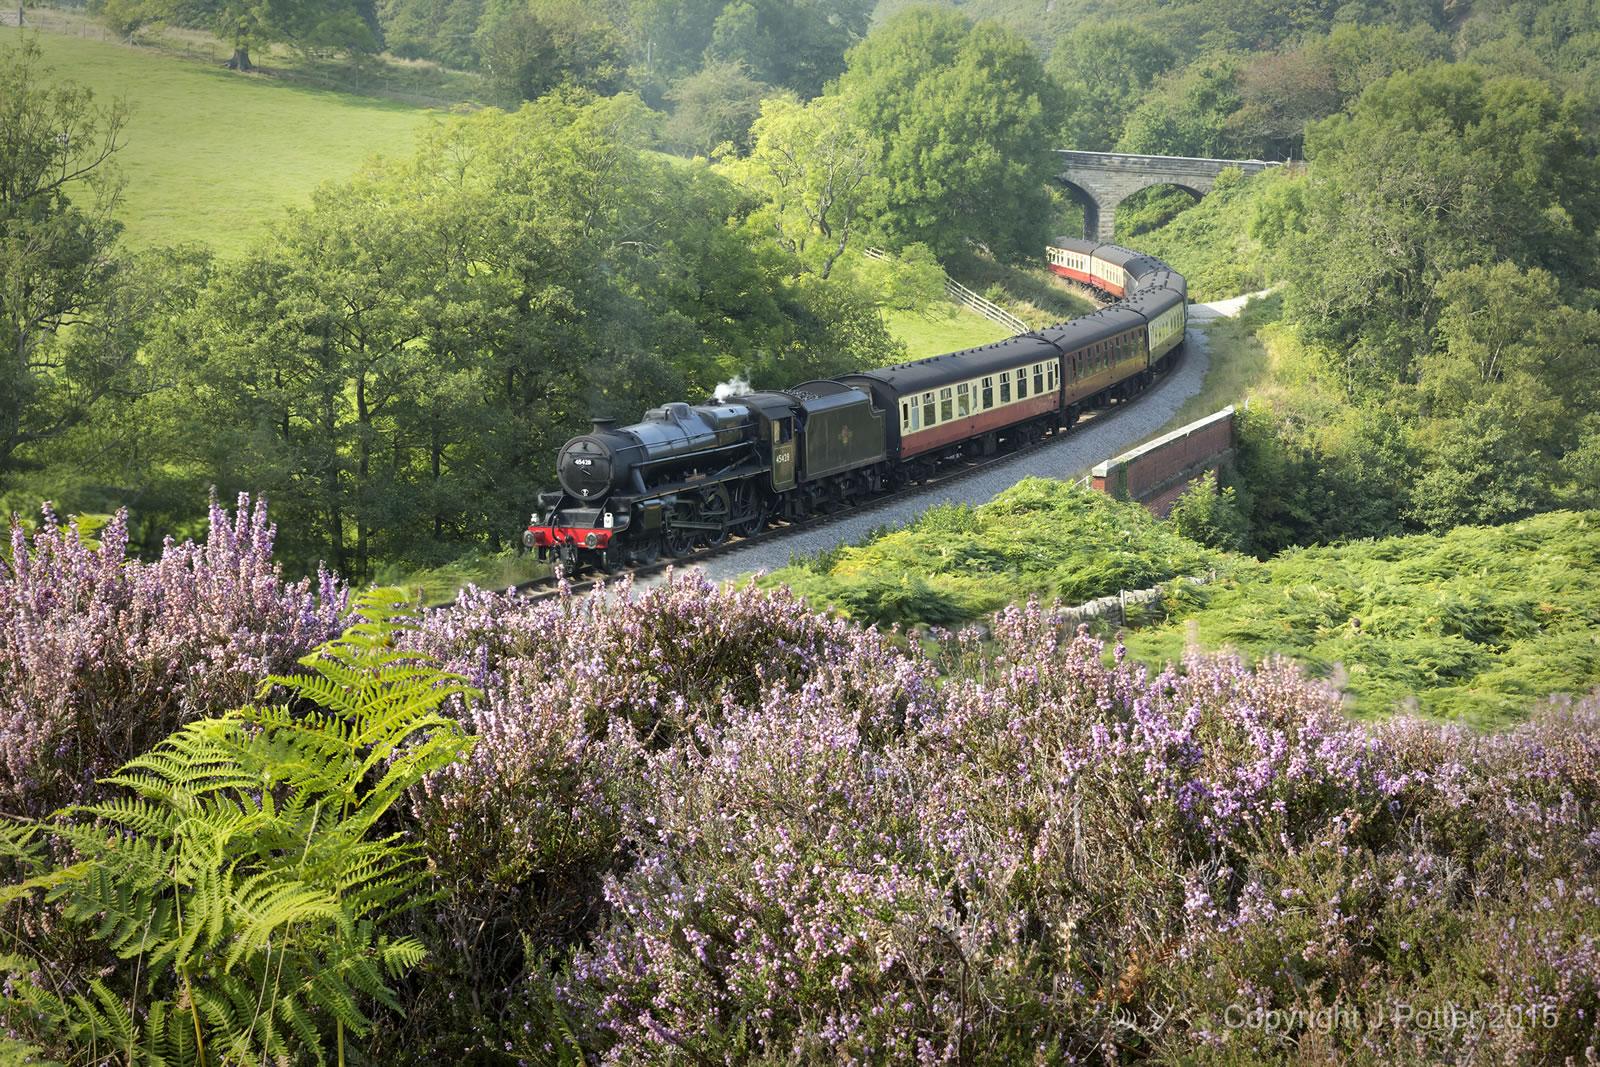 Steam Train in Goathland